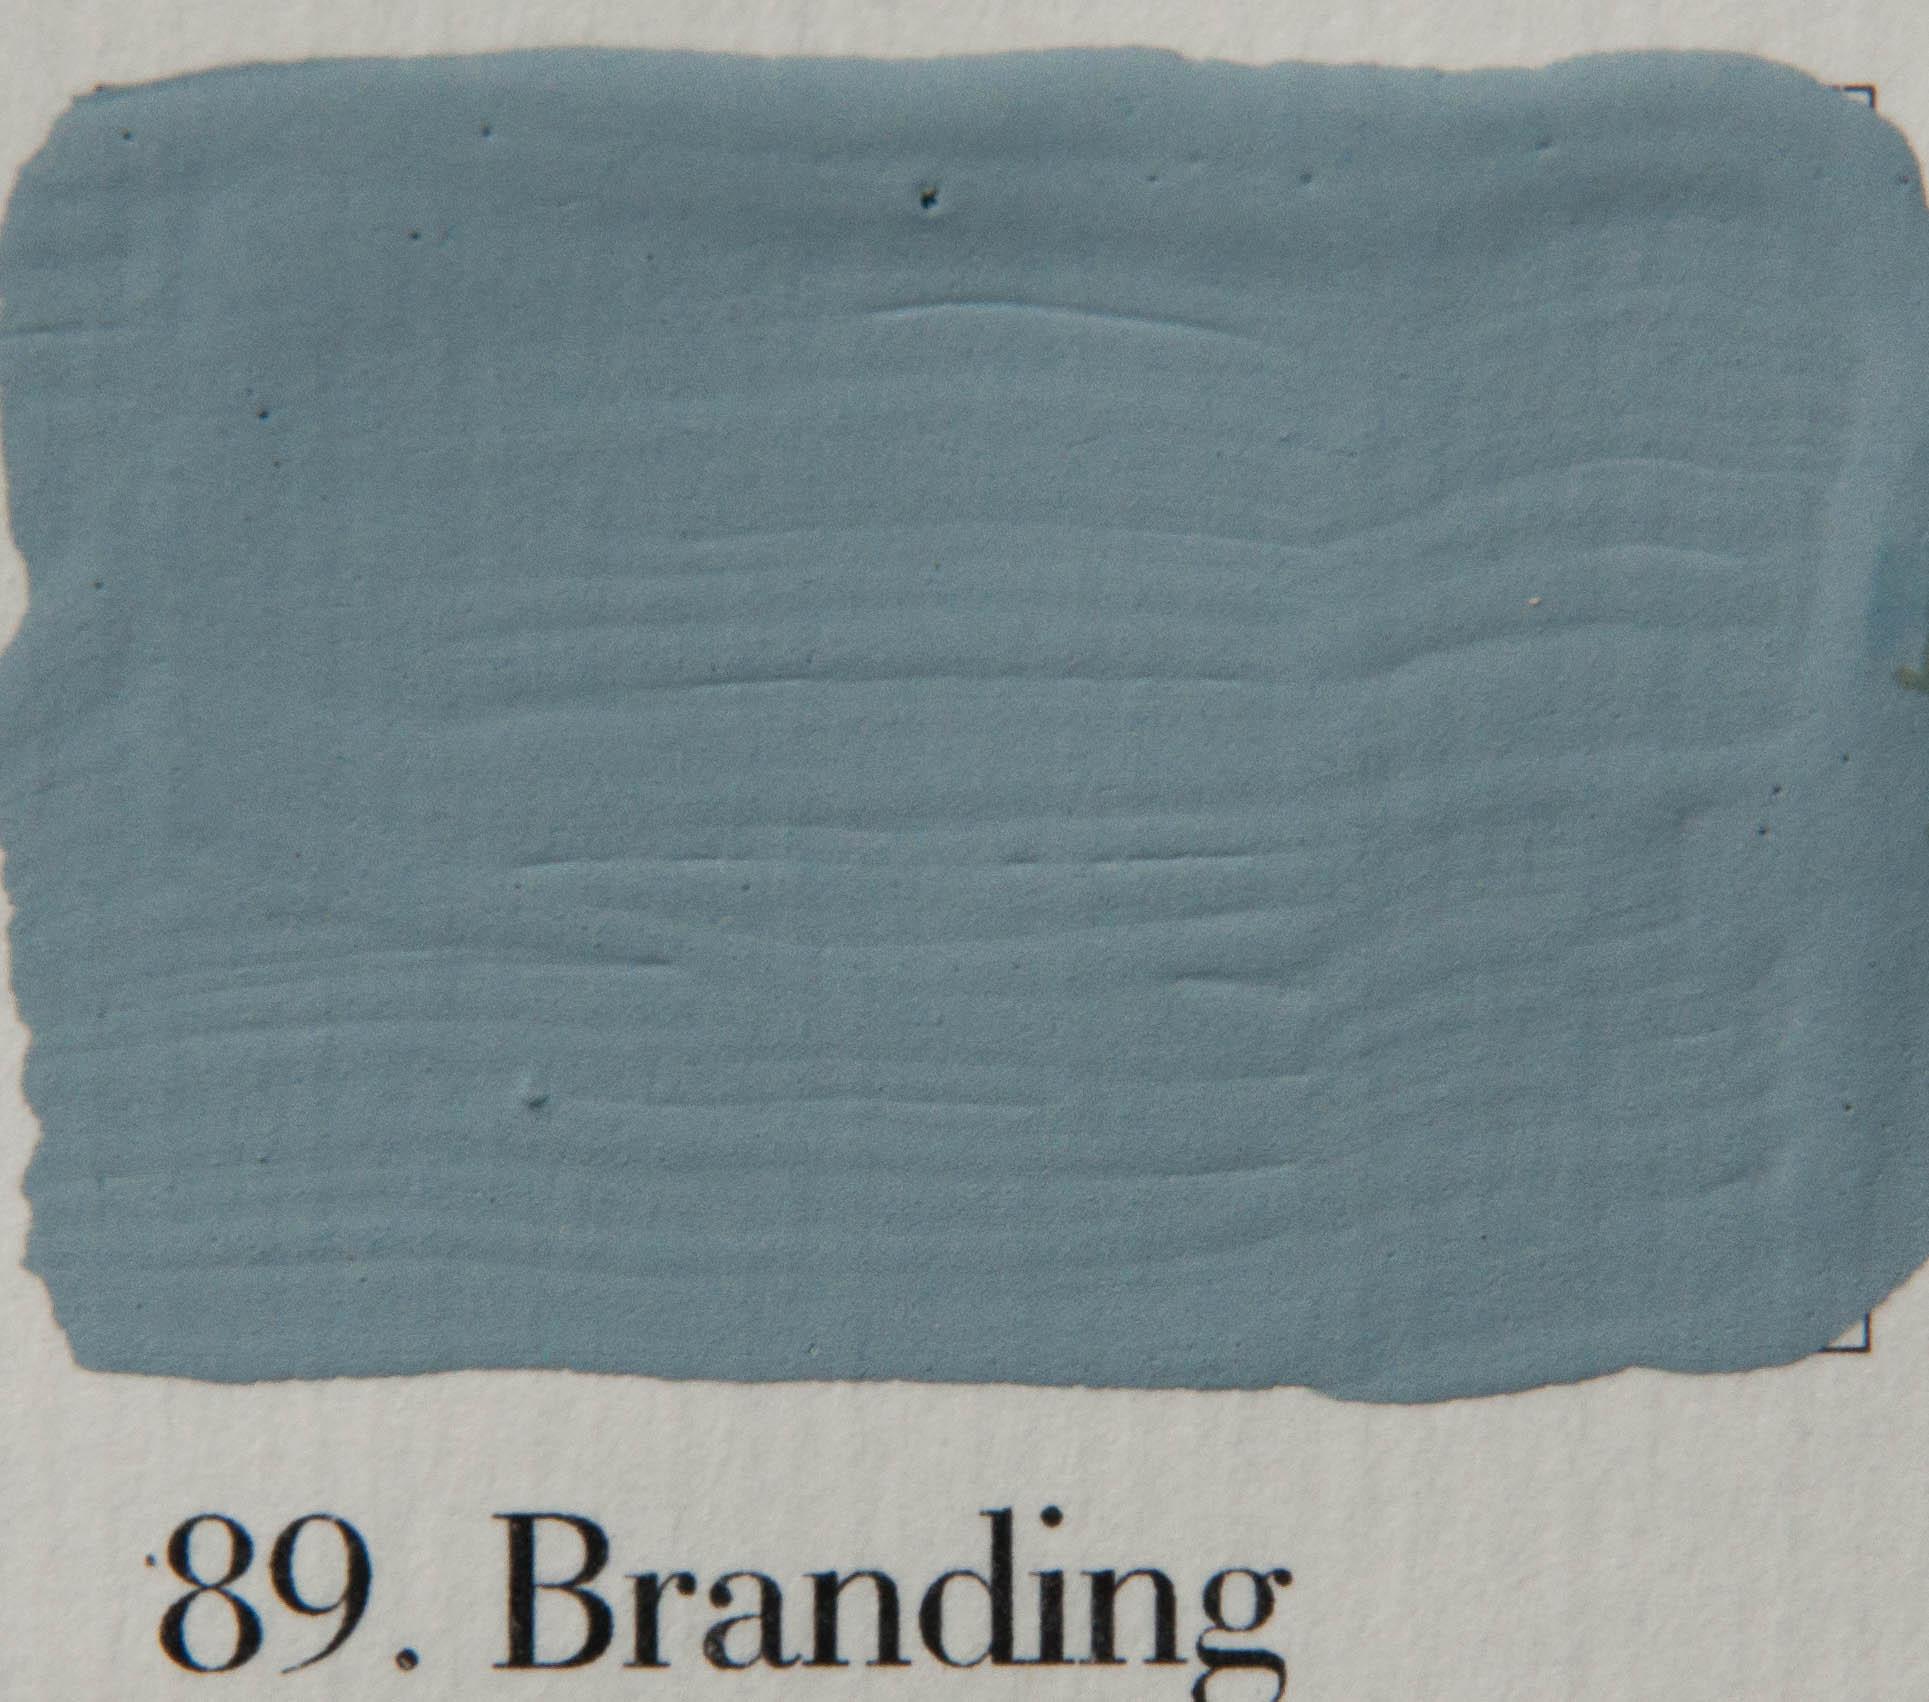 'l Authentique krijtverf 89. Branding